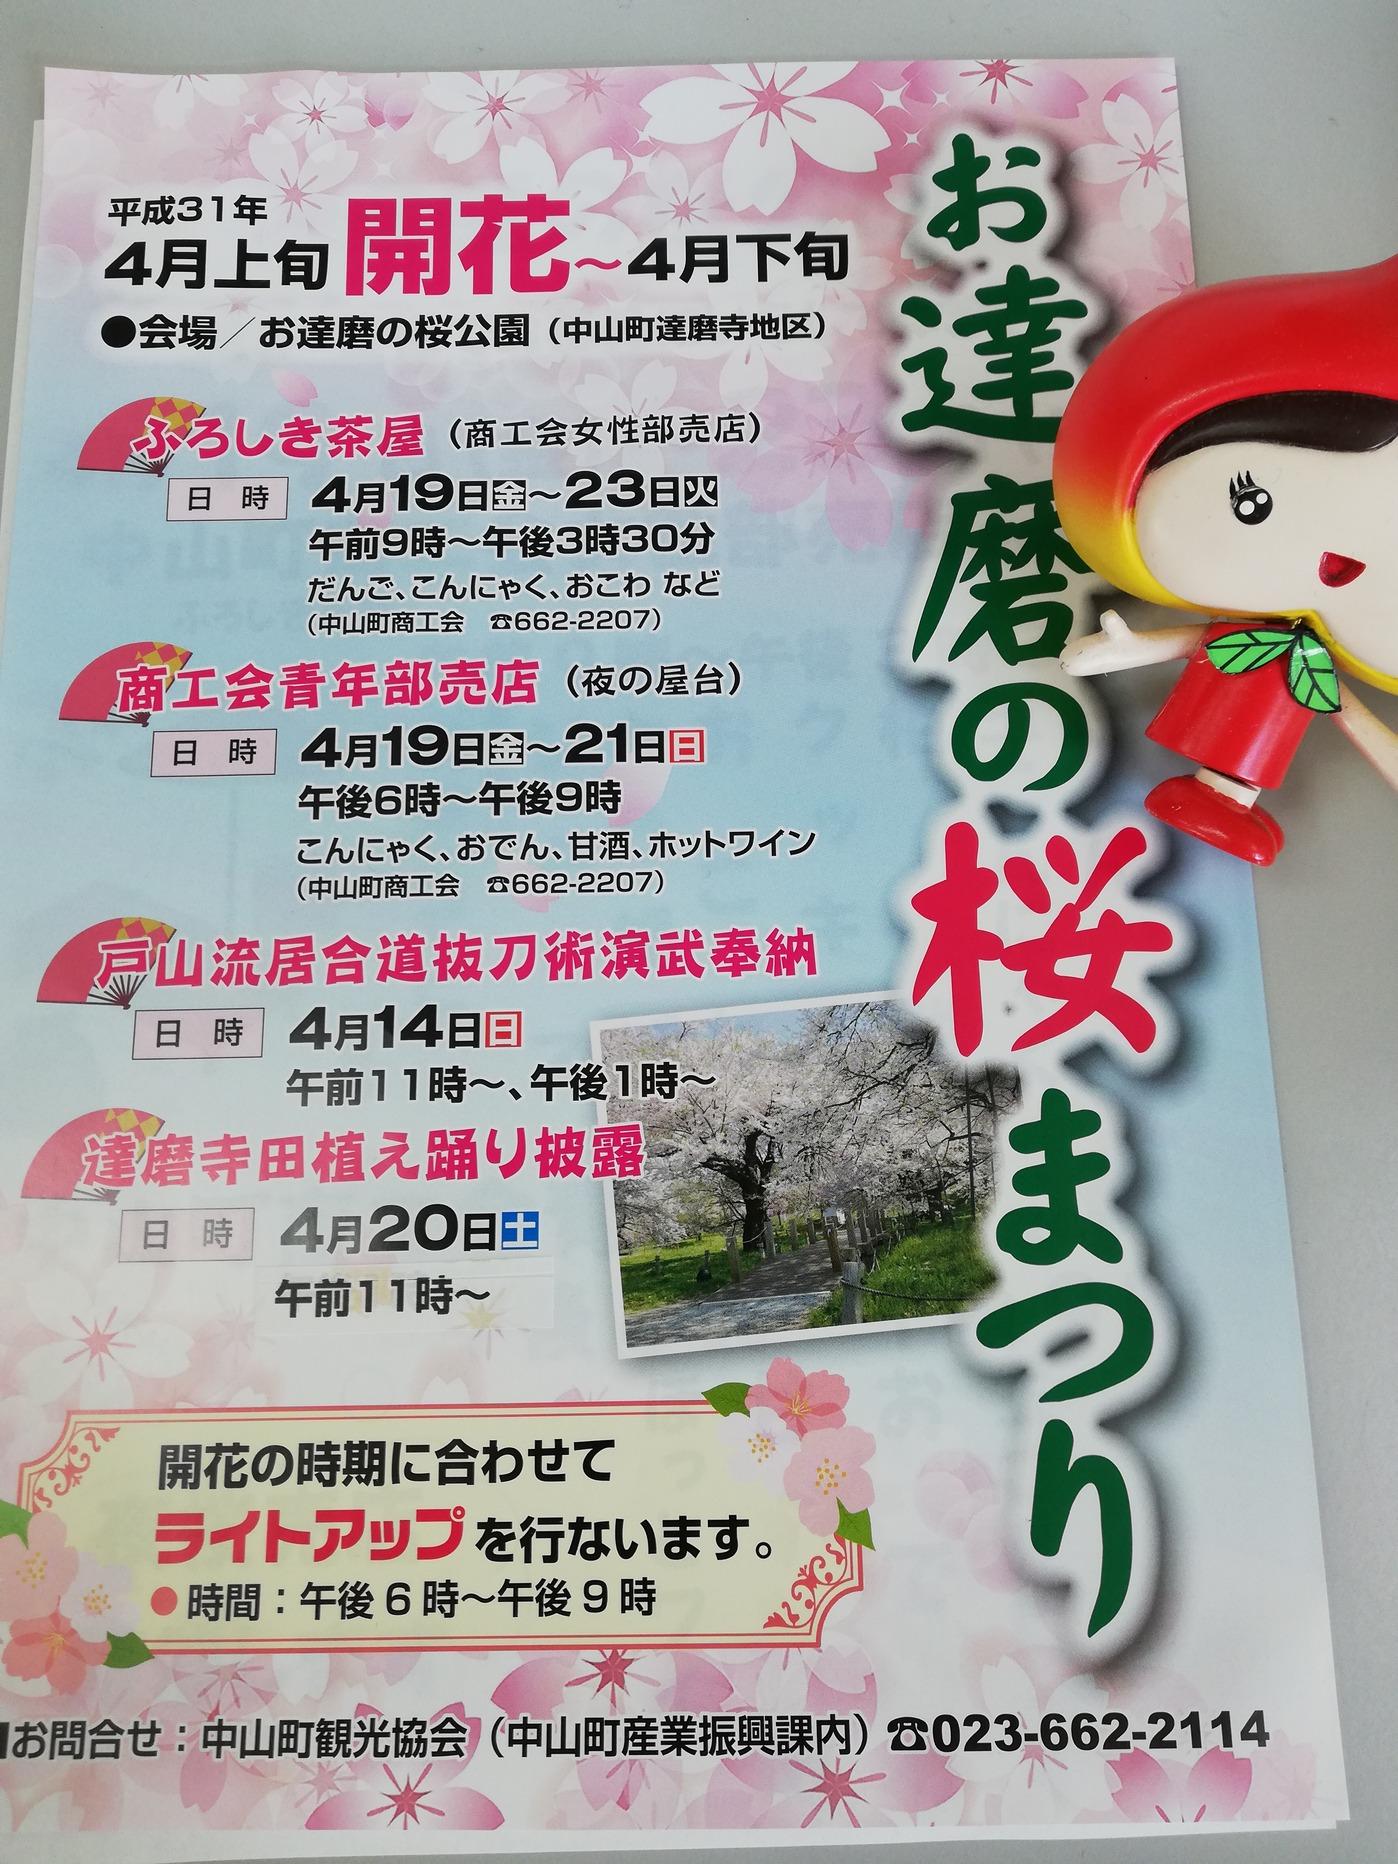 4/19〜23お達磨の桜売店開催について(追記):画像